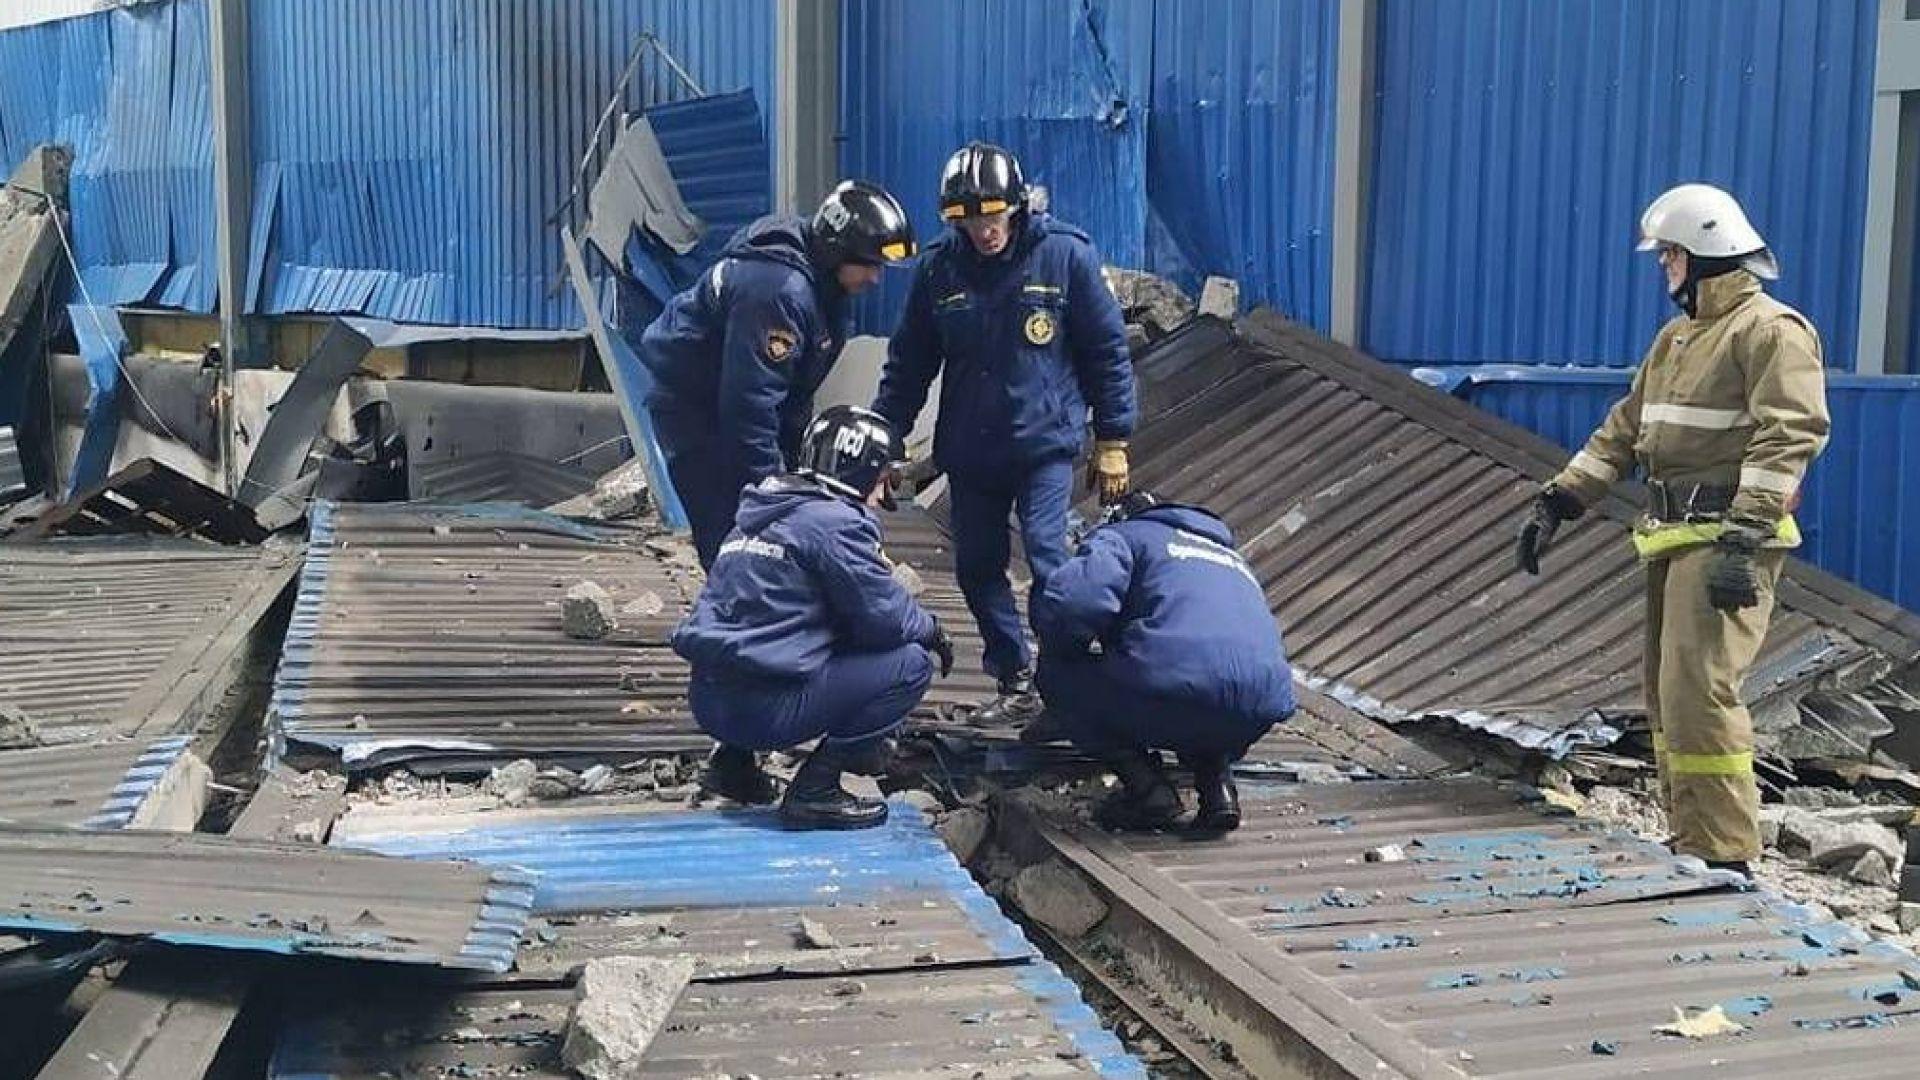 Петима загинали при взрив в руски завод, сред тях поне един турски гражданин